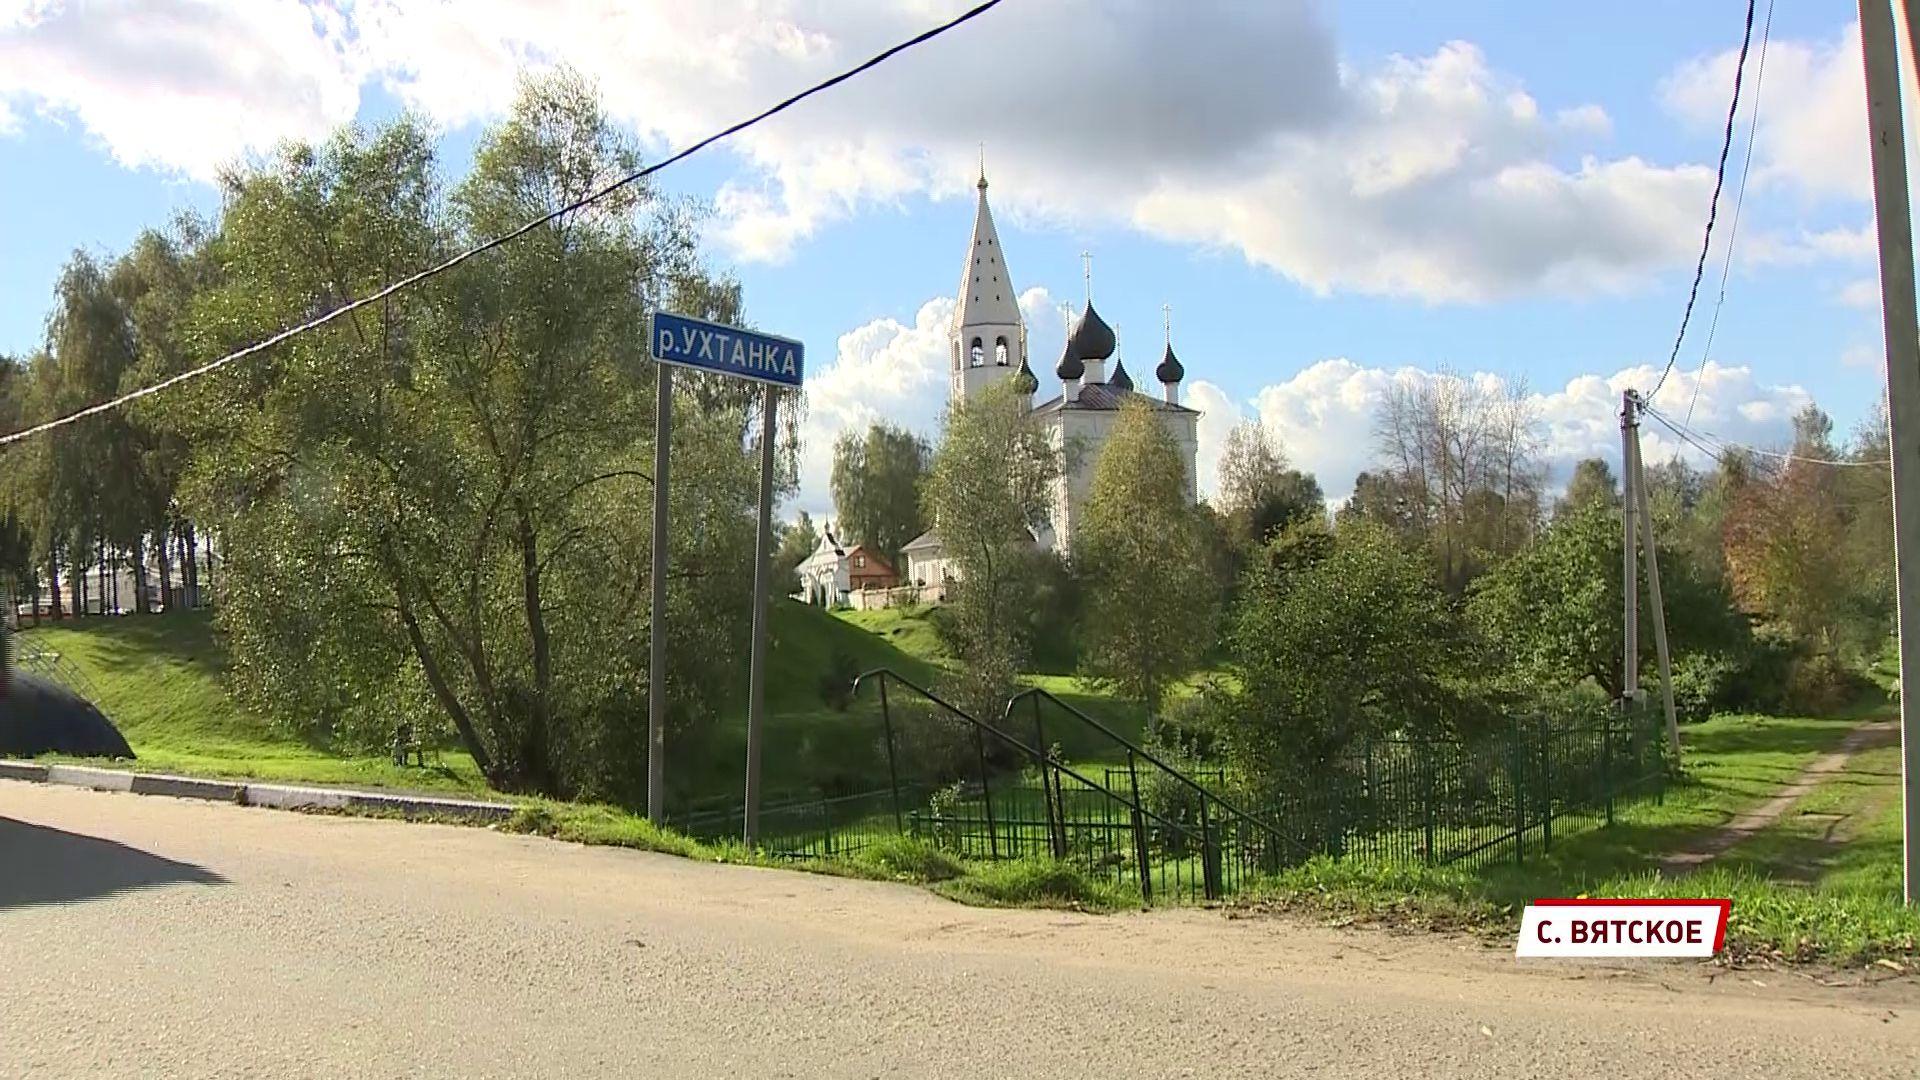 Вятское стало образцом притягательной для туризма деревни